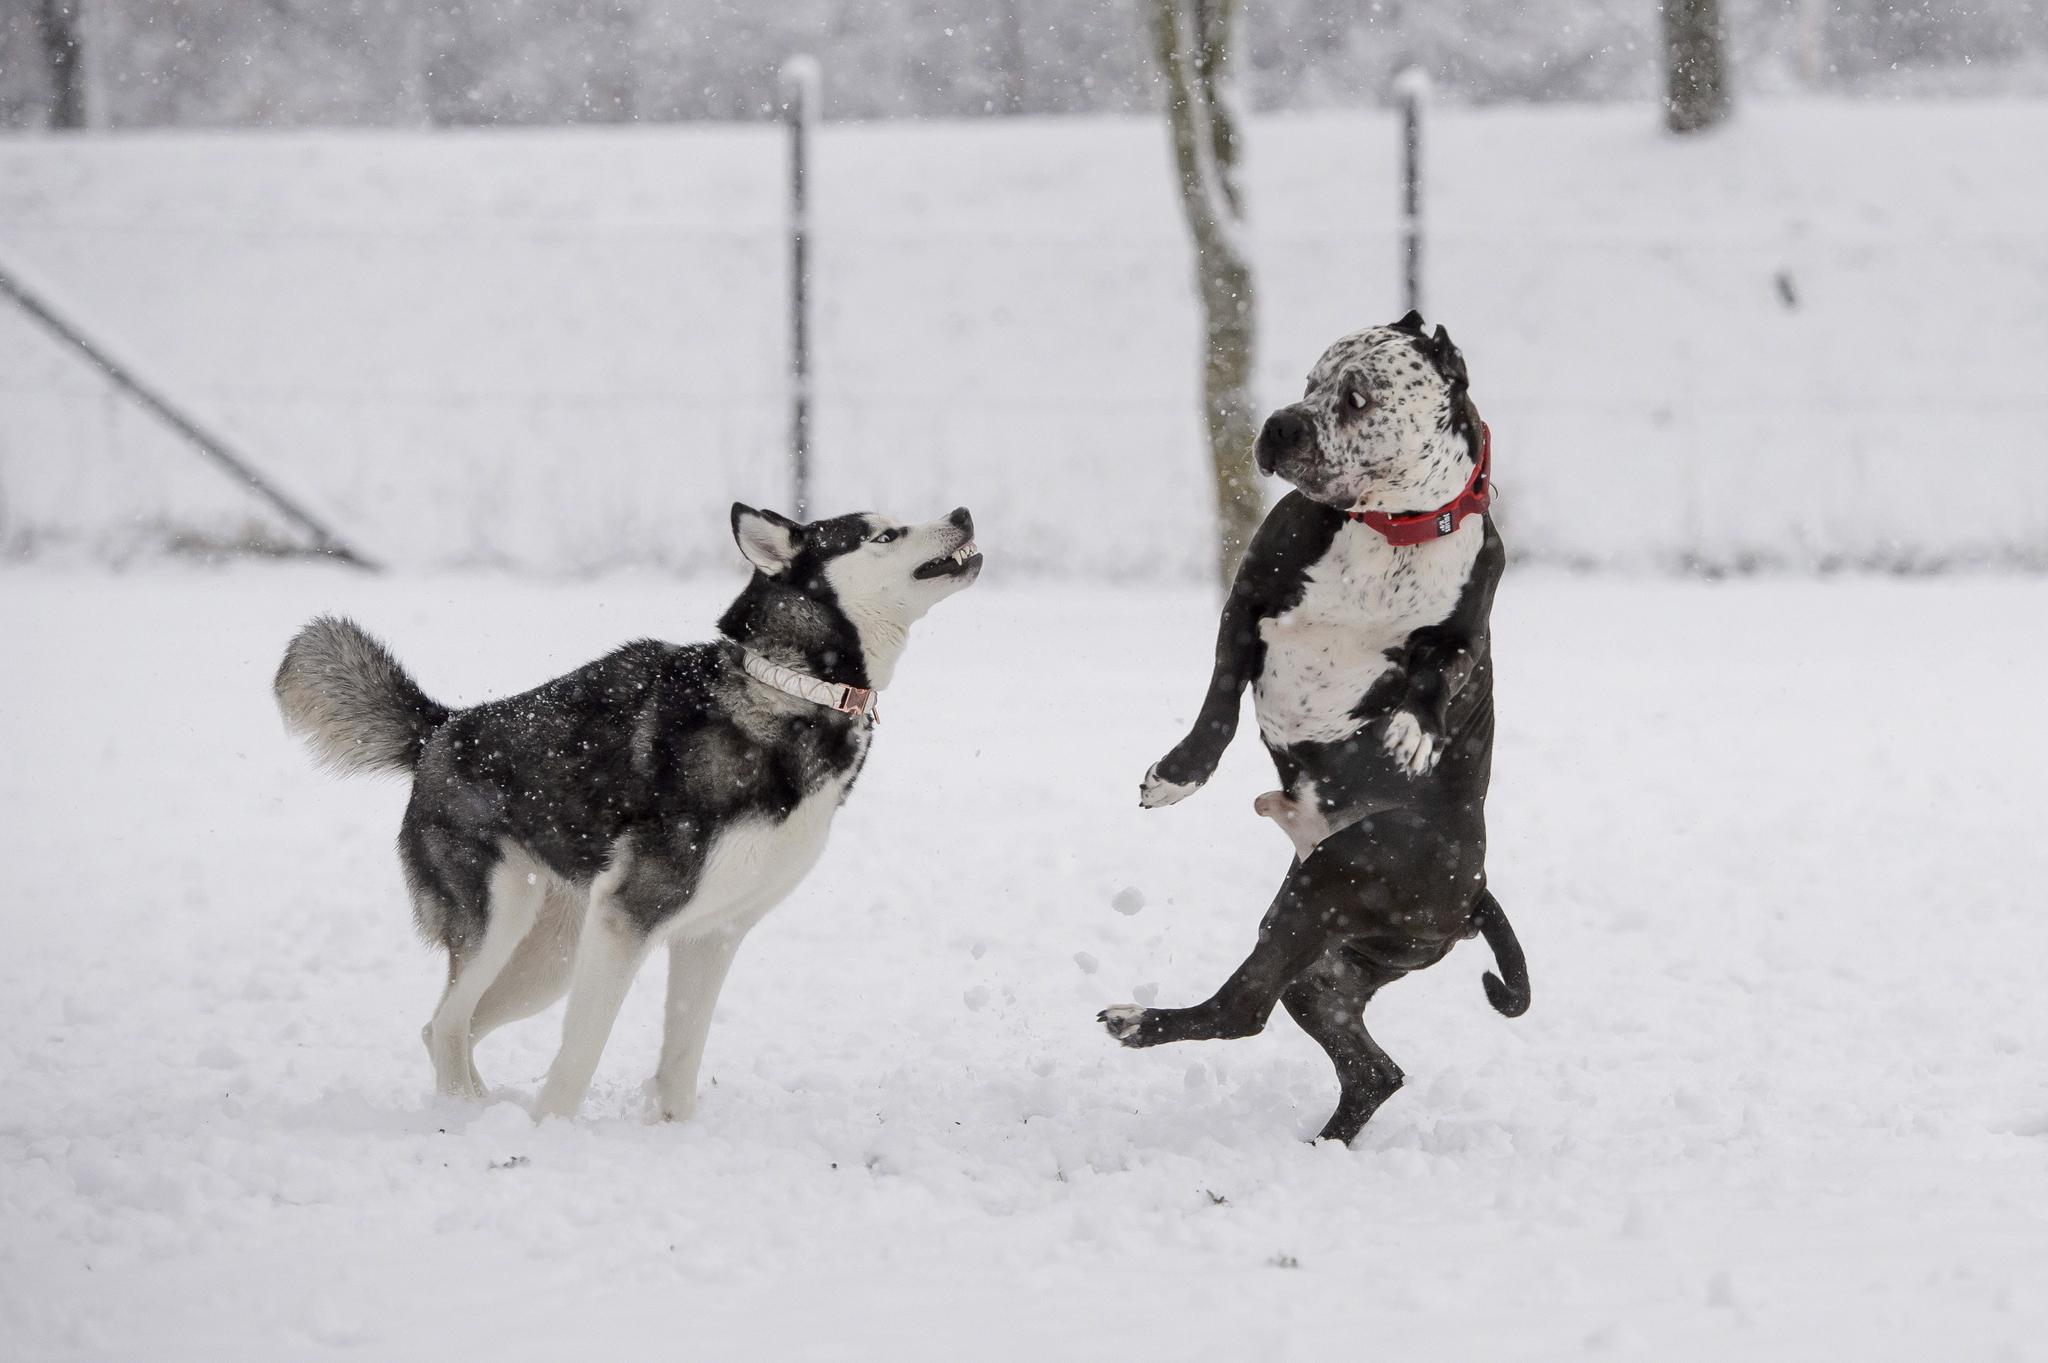 눈 길에서 뛰어놀고 있는 두 마리의 개. (※이 사진은 기사 내용과 직접적인 관련 없음) EPA=연합뉴스